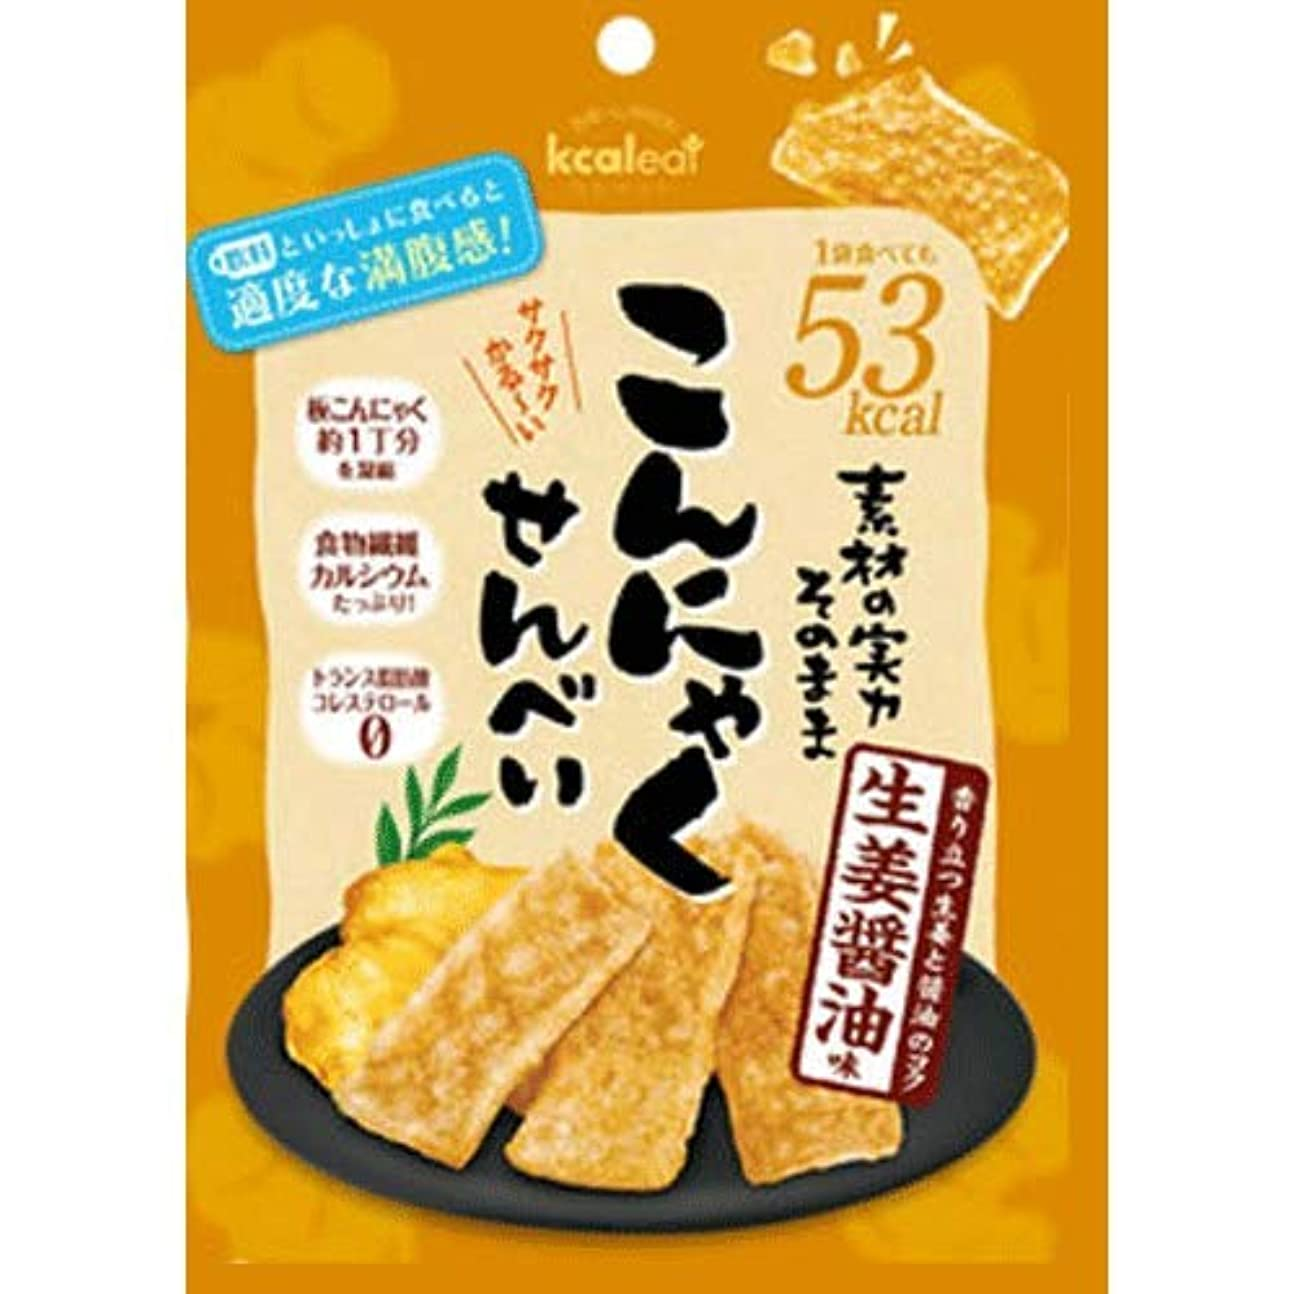 写真を撮るインシデント絞るこんにゃくせんべい 生姜醤油 15g (20袋セット) [並行輸入品]